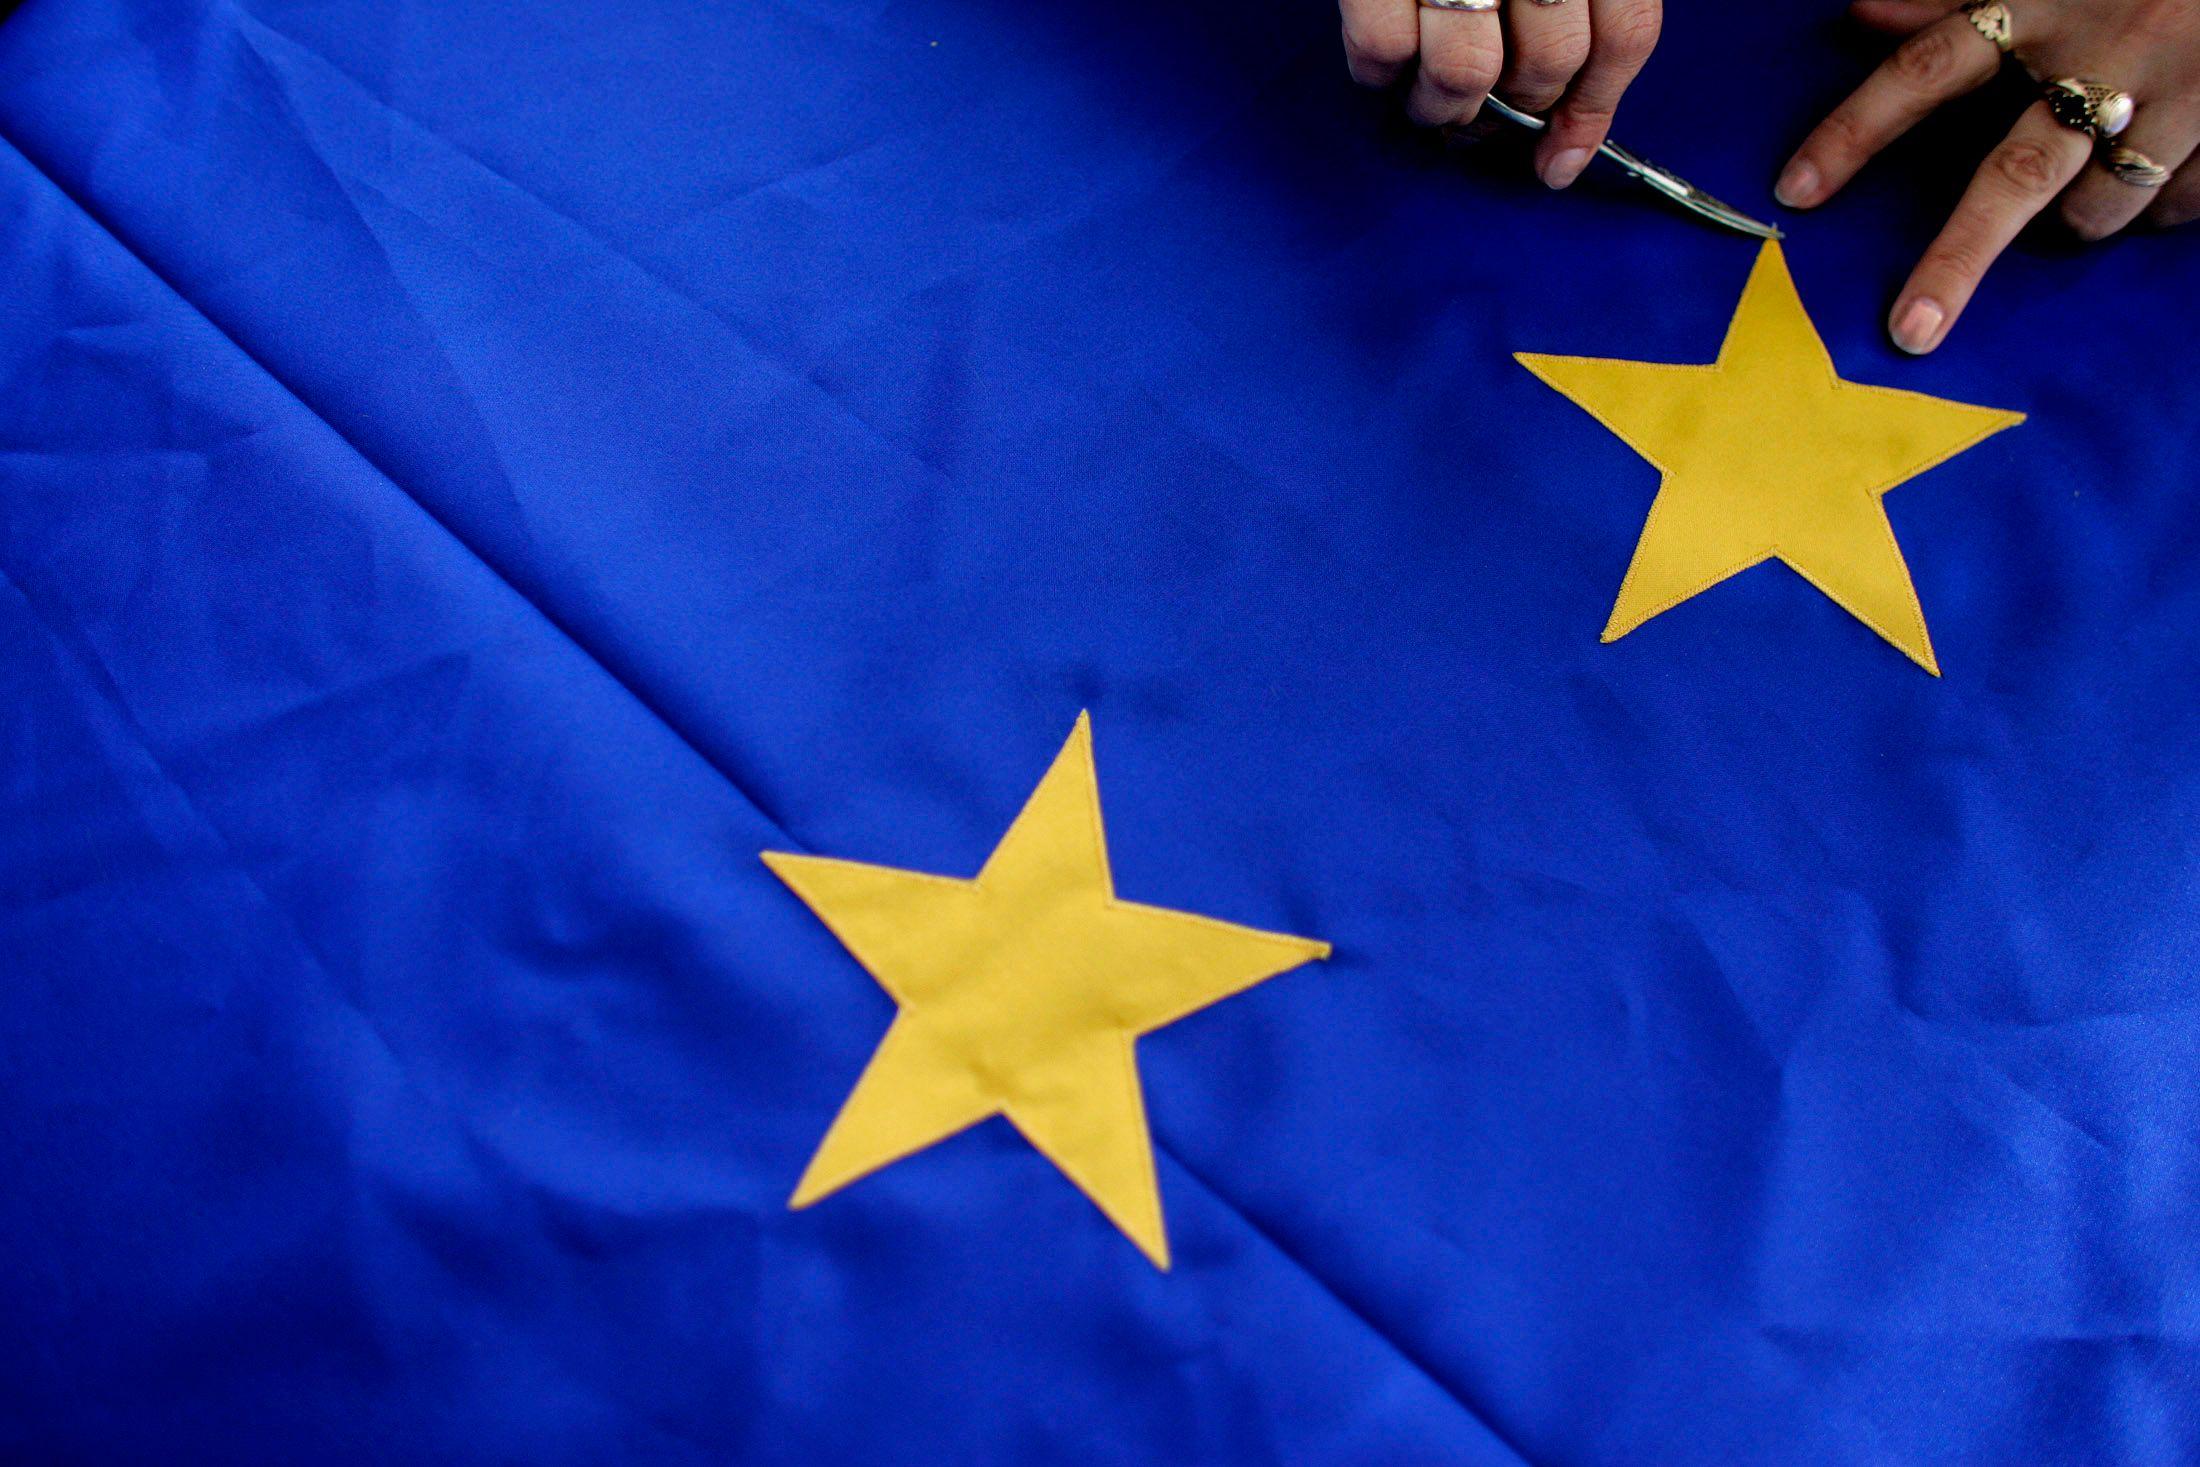 La commission européenne a demandé à la France d'accélérer les réformes